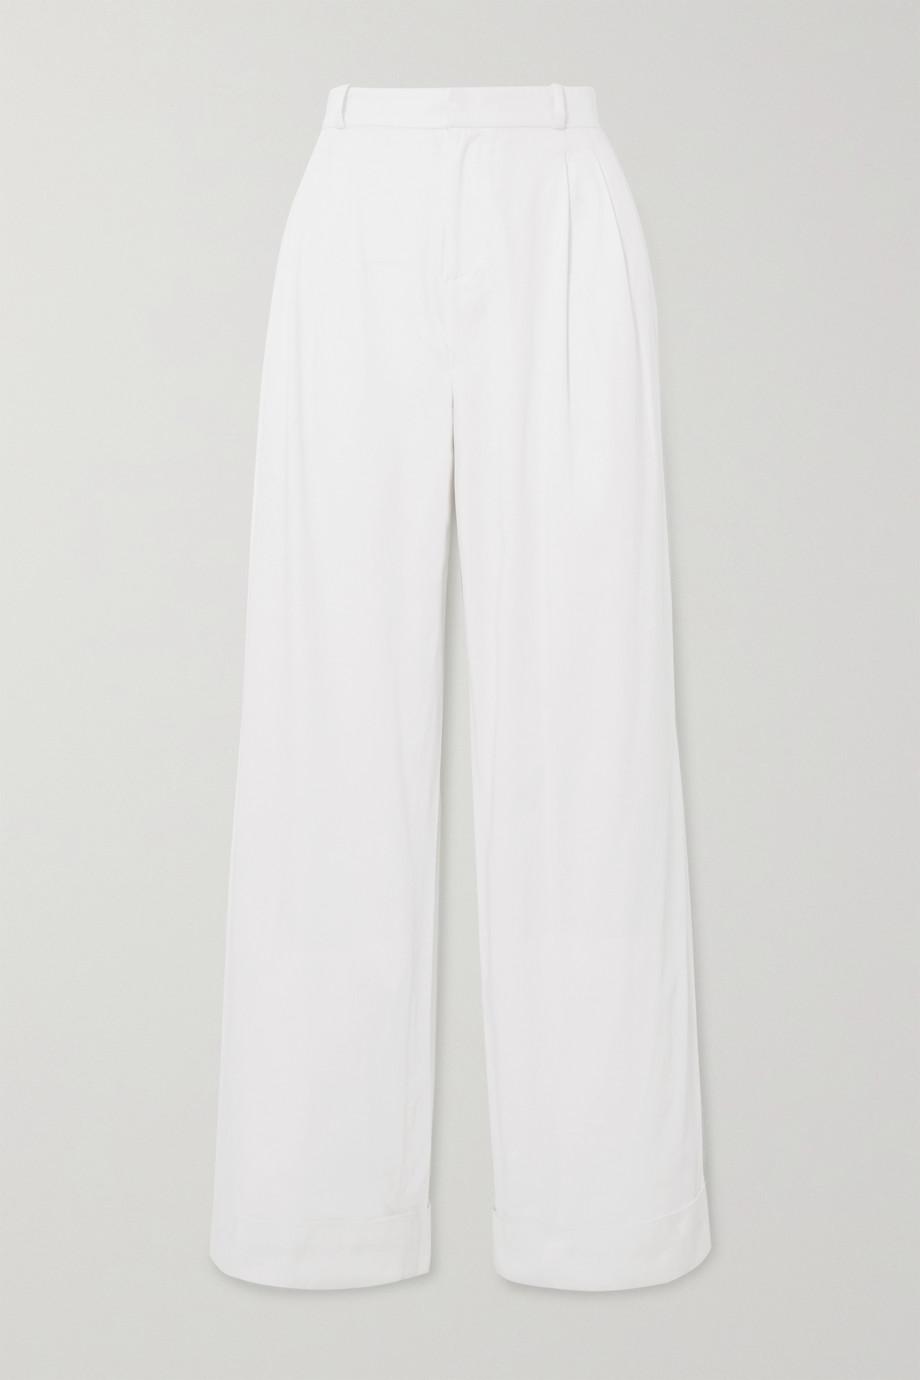 Àcheval Pampa Pantalon large en coton mélangé Gardel